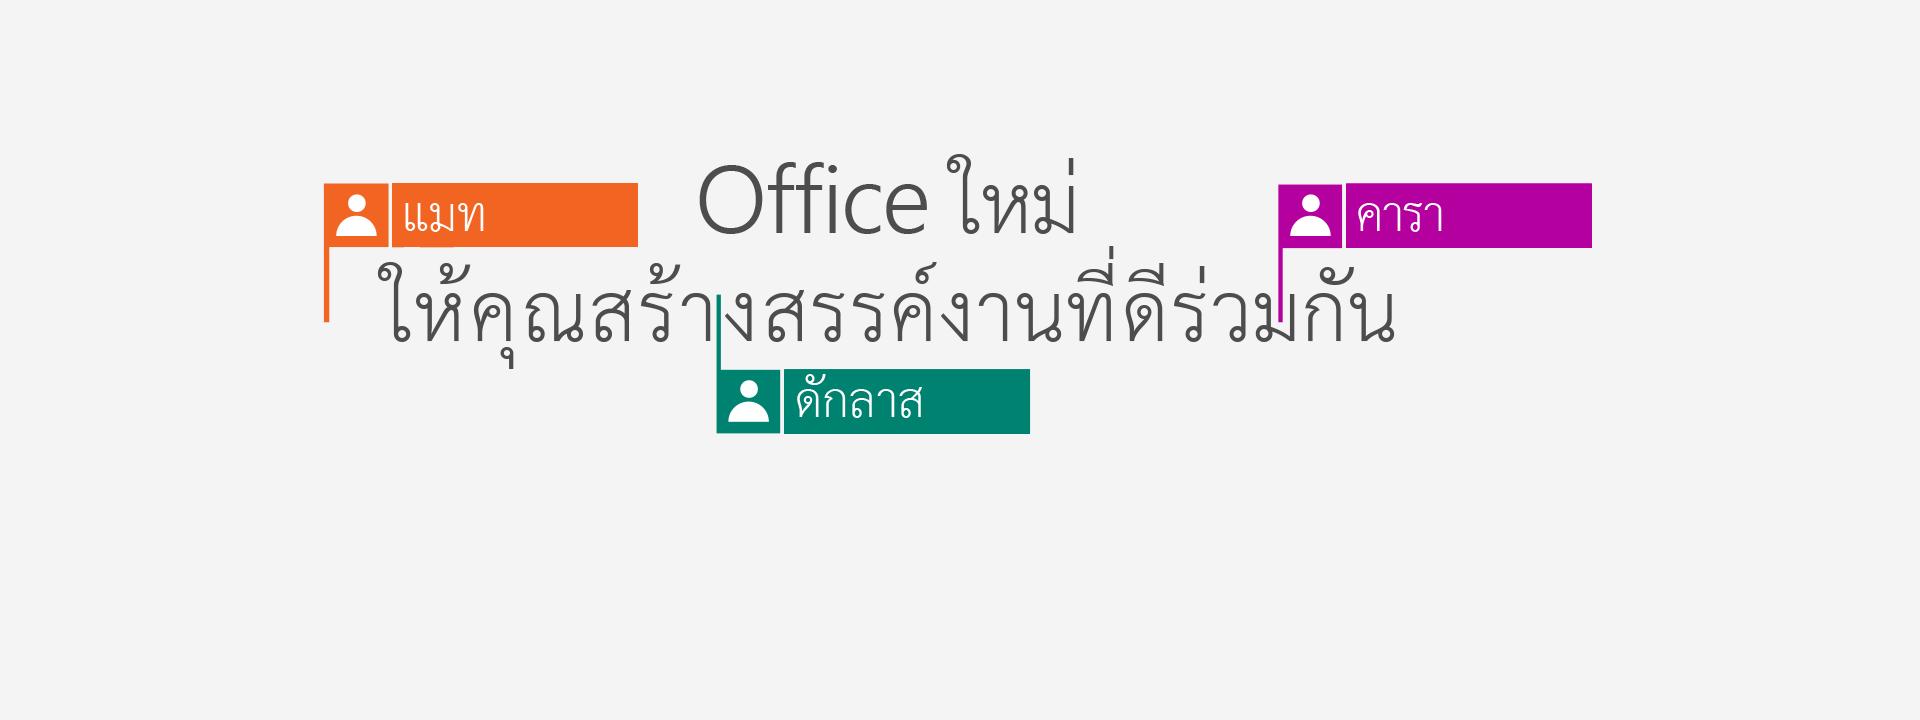 สั่งซื้อ Office 365 เพื่อรับแอป 2016 ใหม่